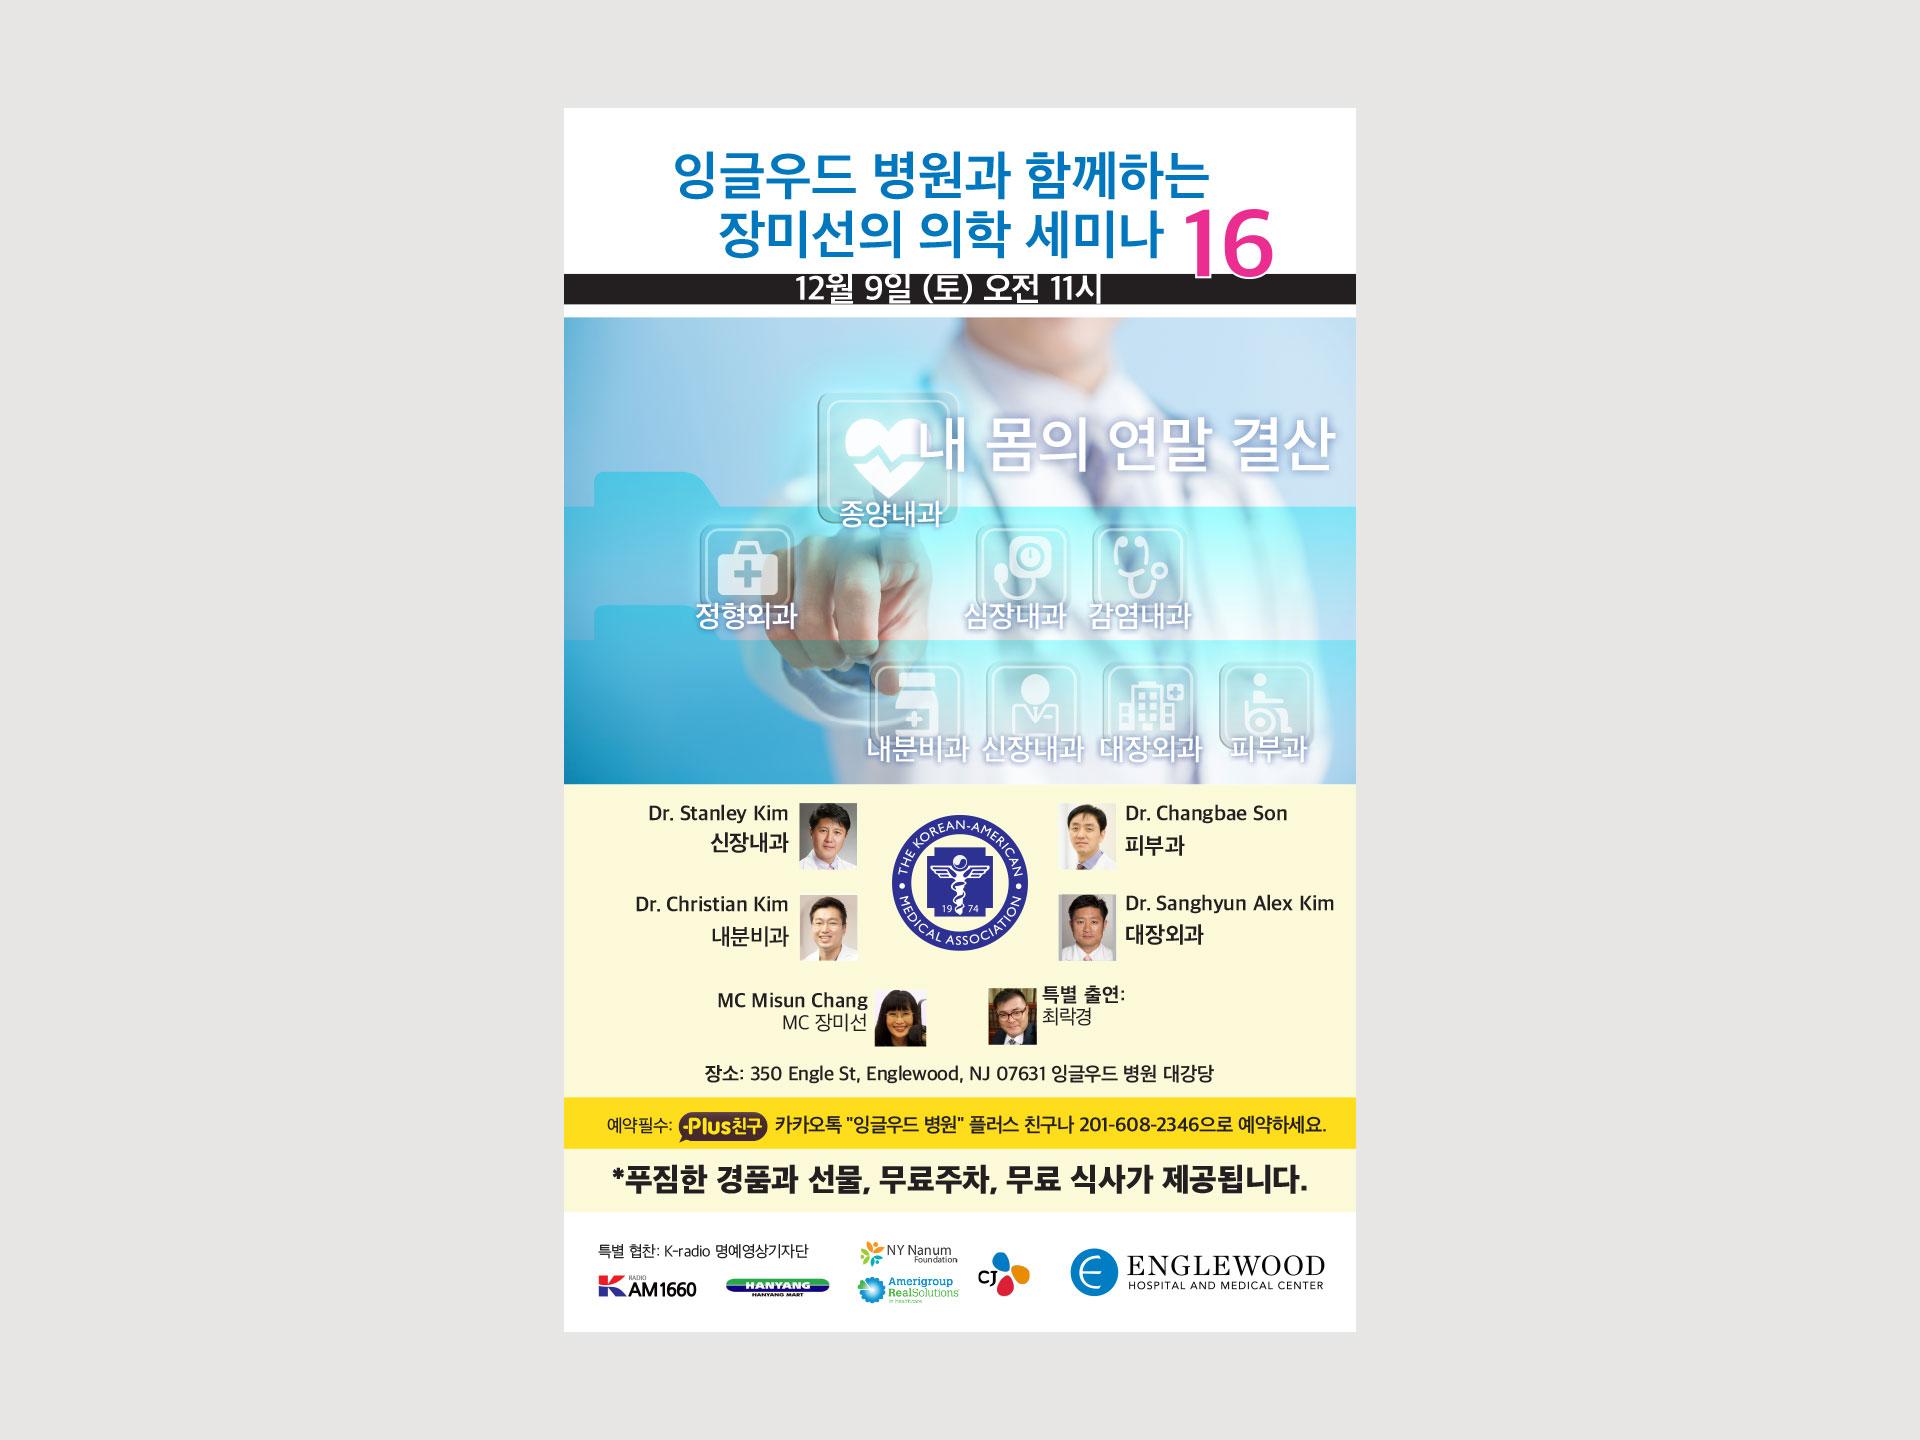 Korean Center event 16